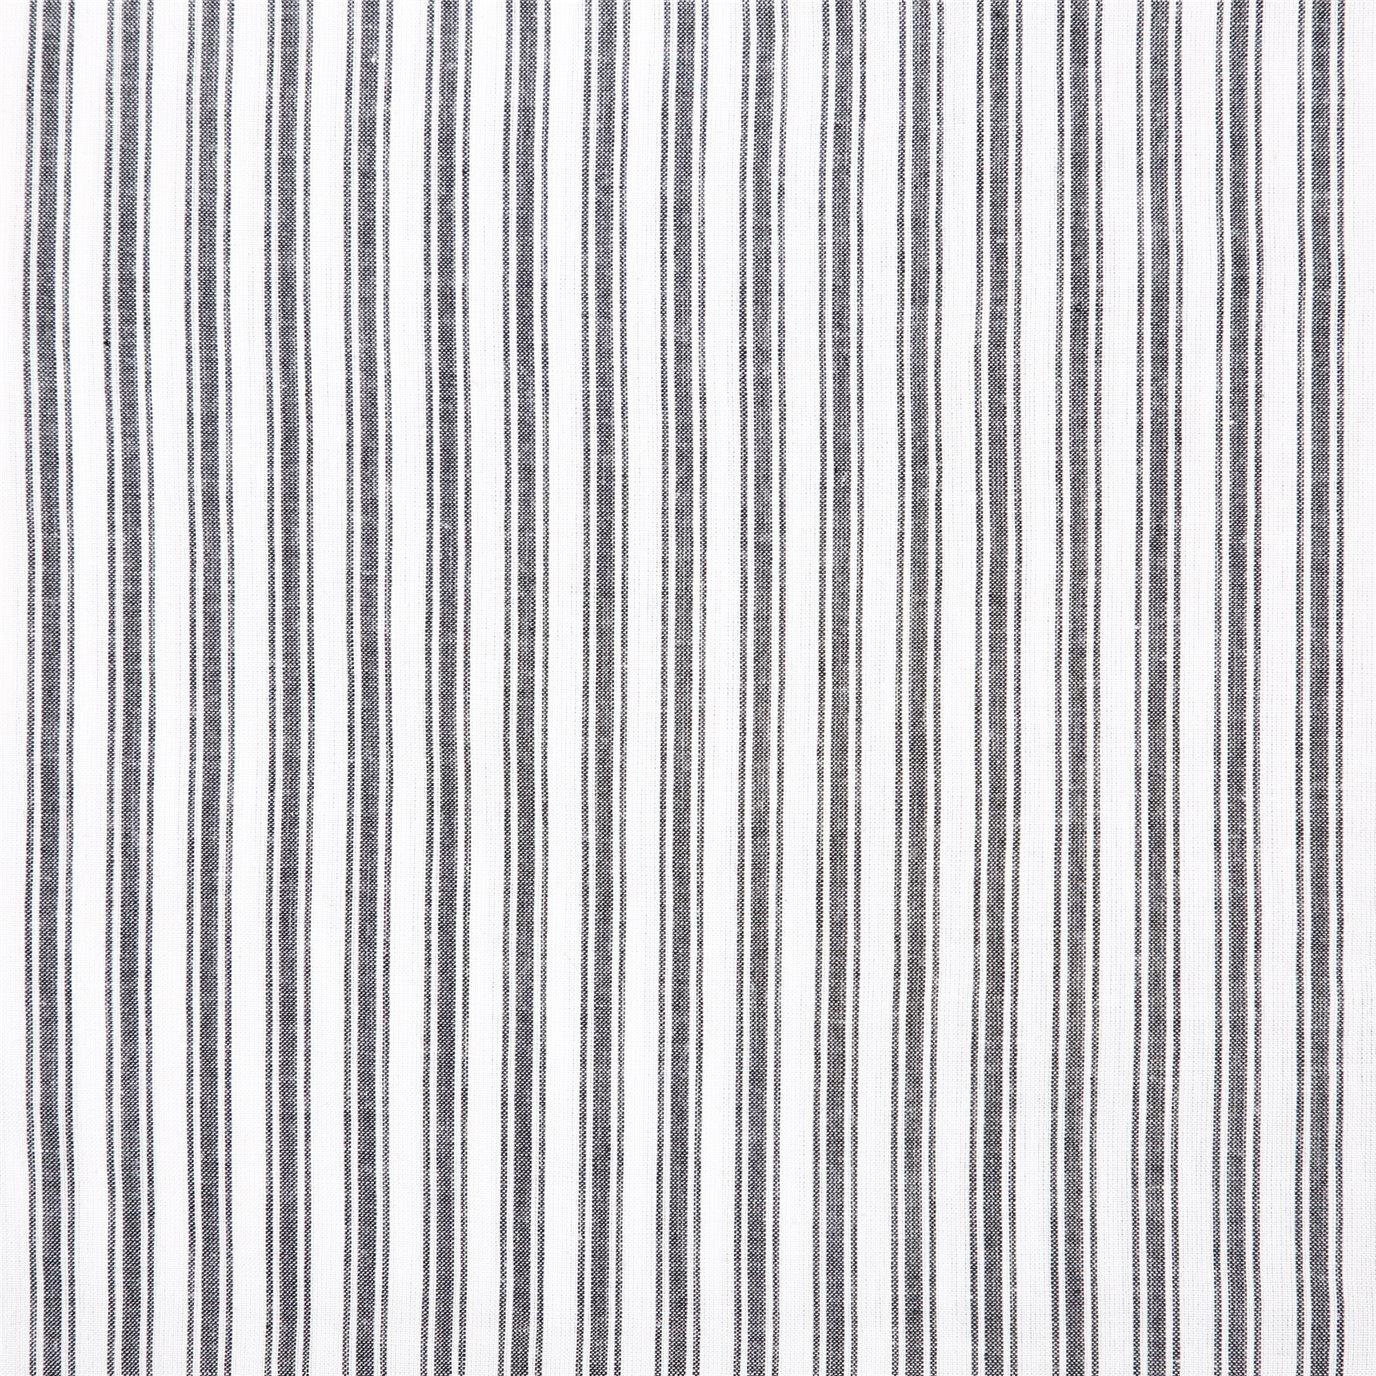 Sawyer Mill Black Ruffled Ticking Stripe King Pillow Case Set of 2 21x36+4